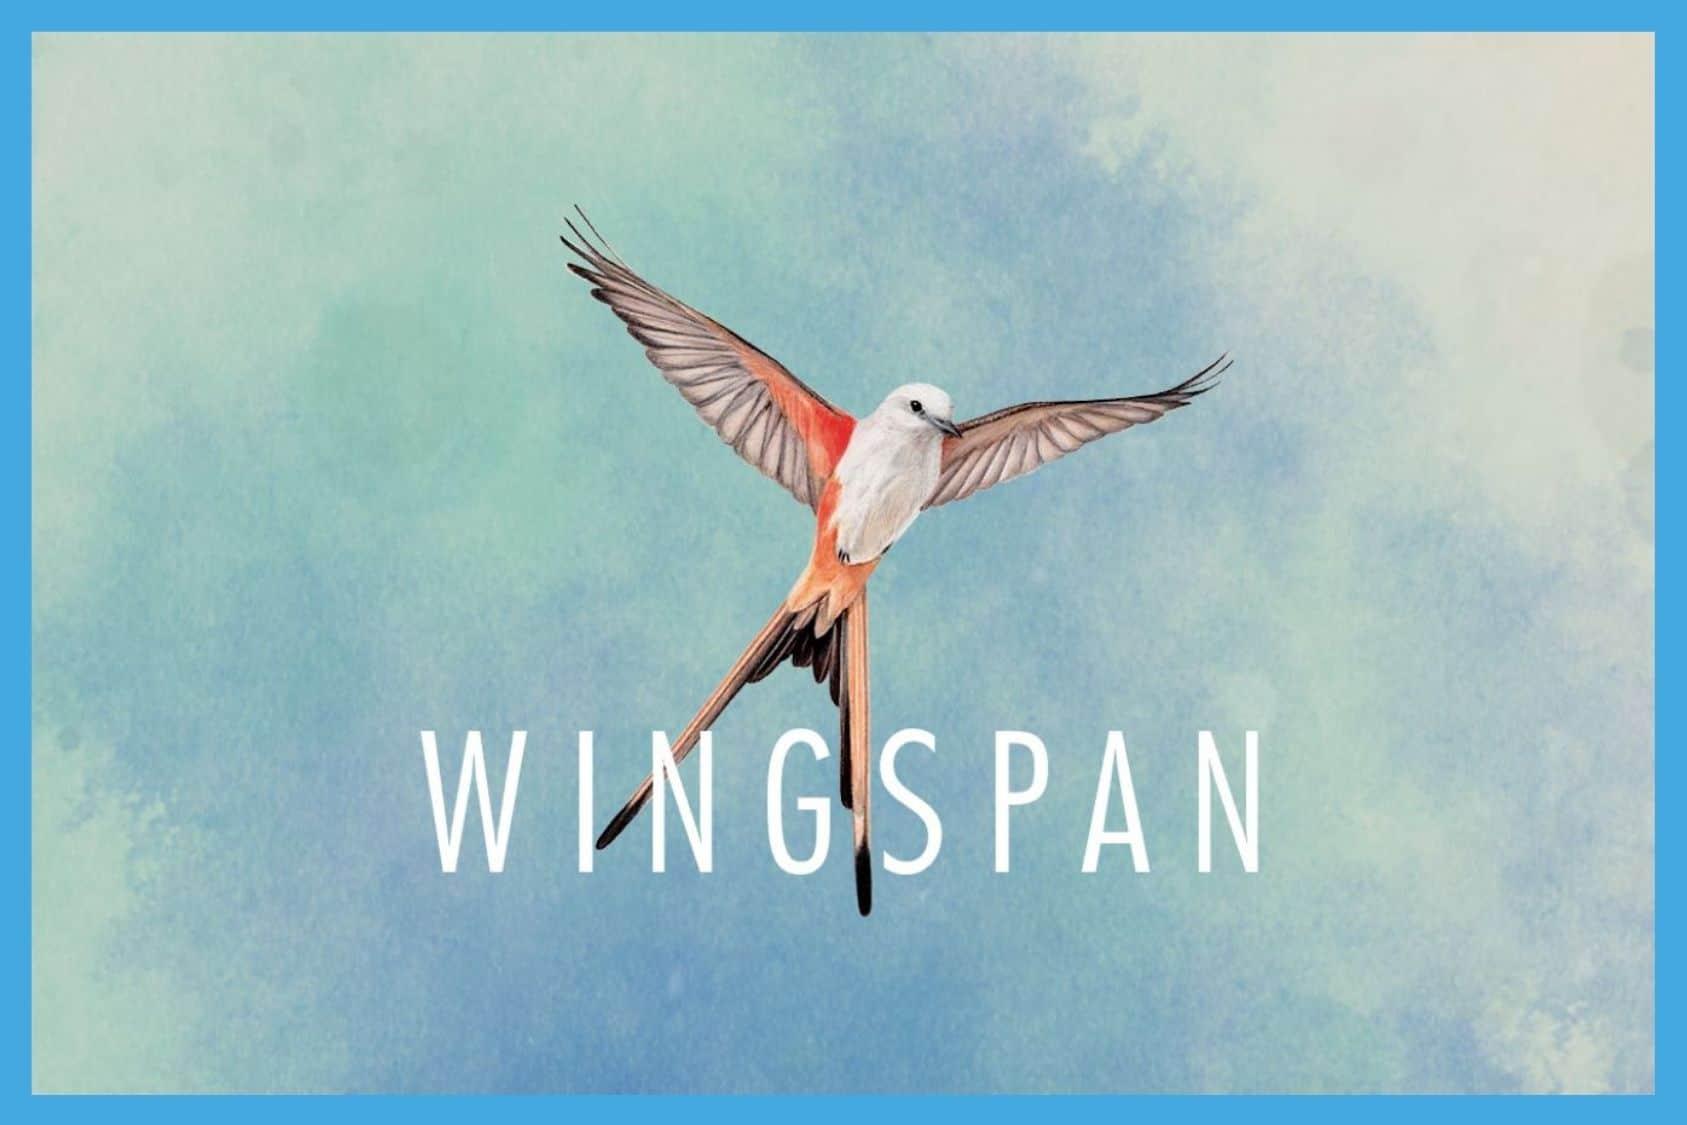 Wingspan App Review